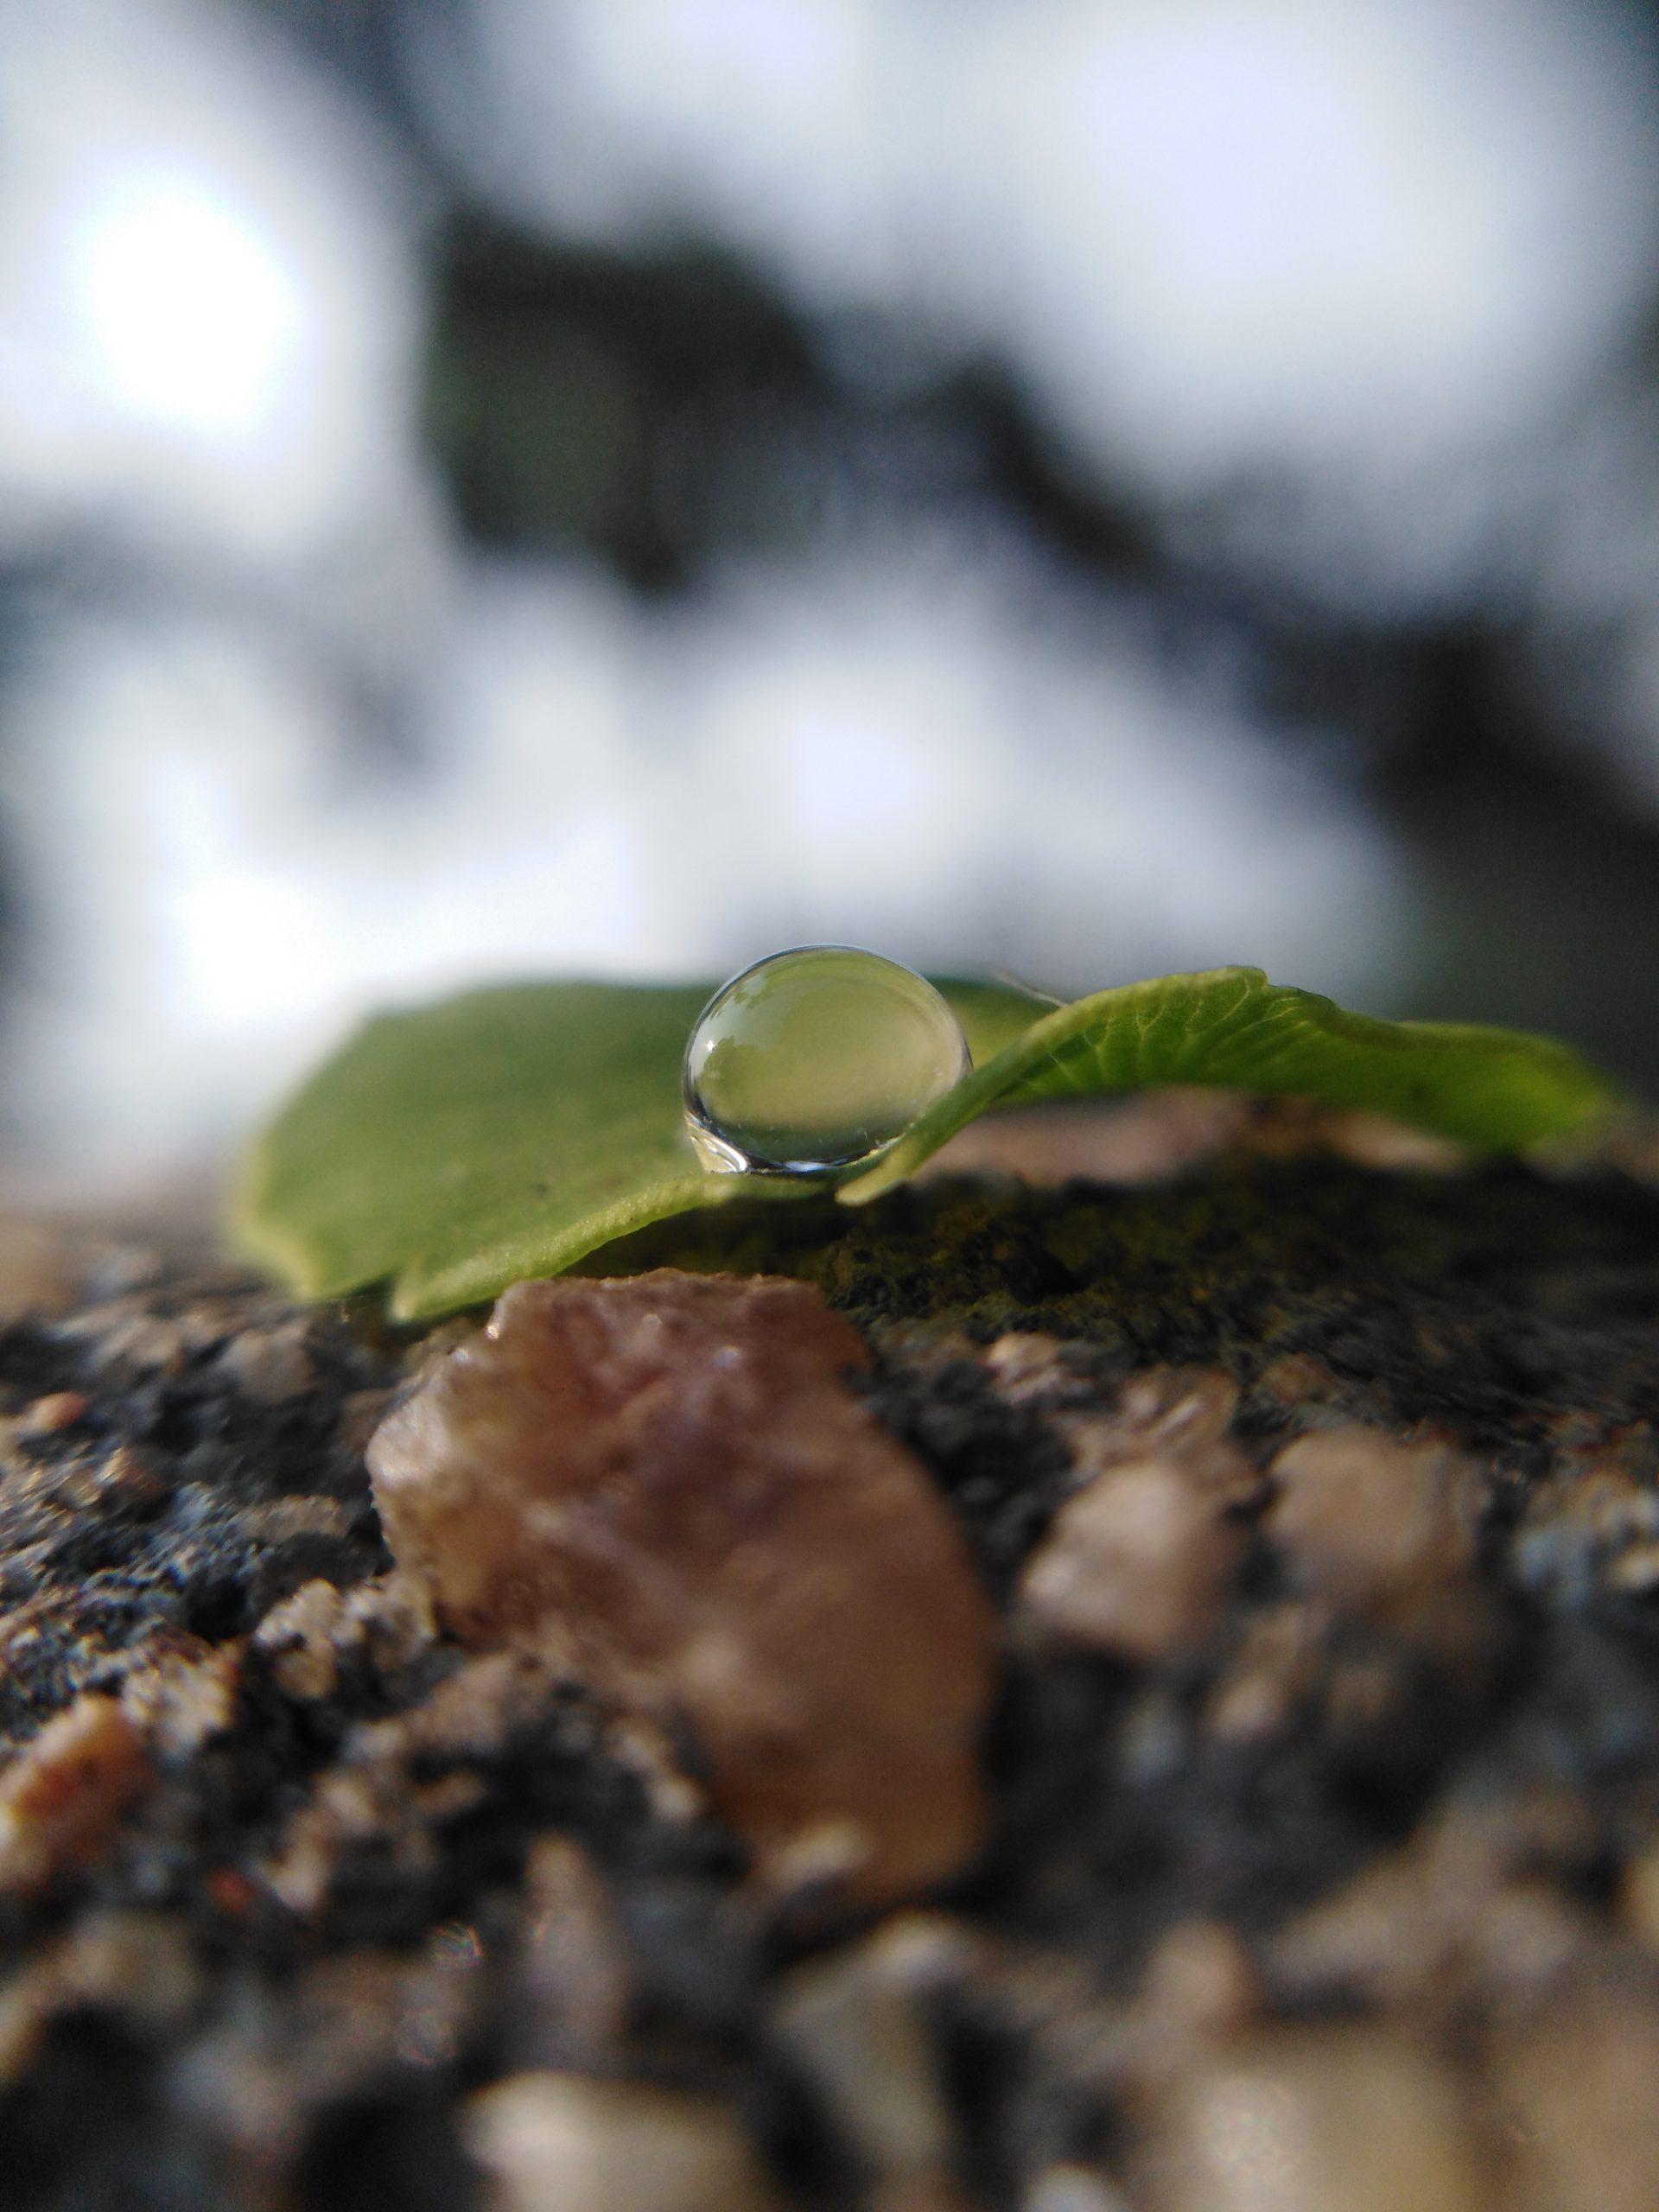 A drop on a leaf